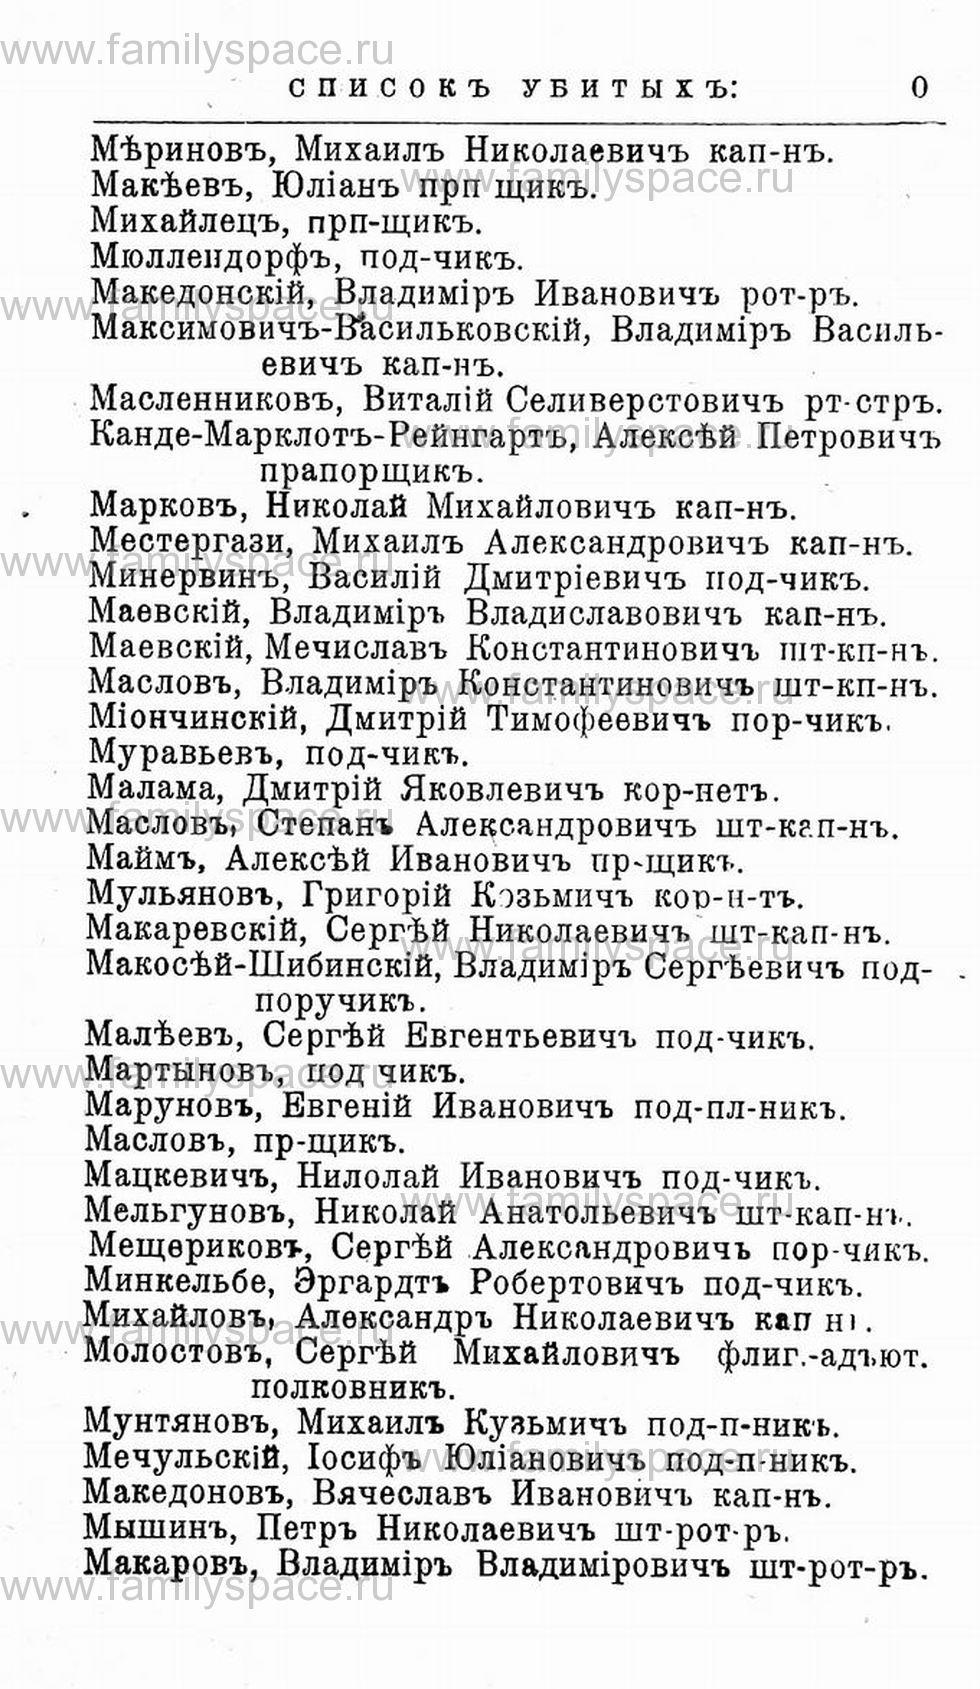 Поиск по фамилии - Первая мировая война - 1914 (списки убитых и раненых), страница 9